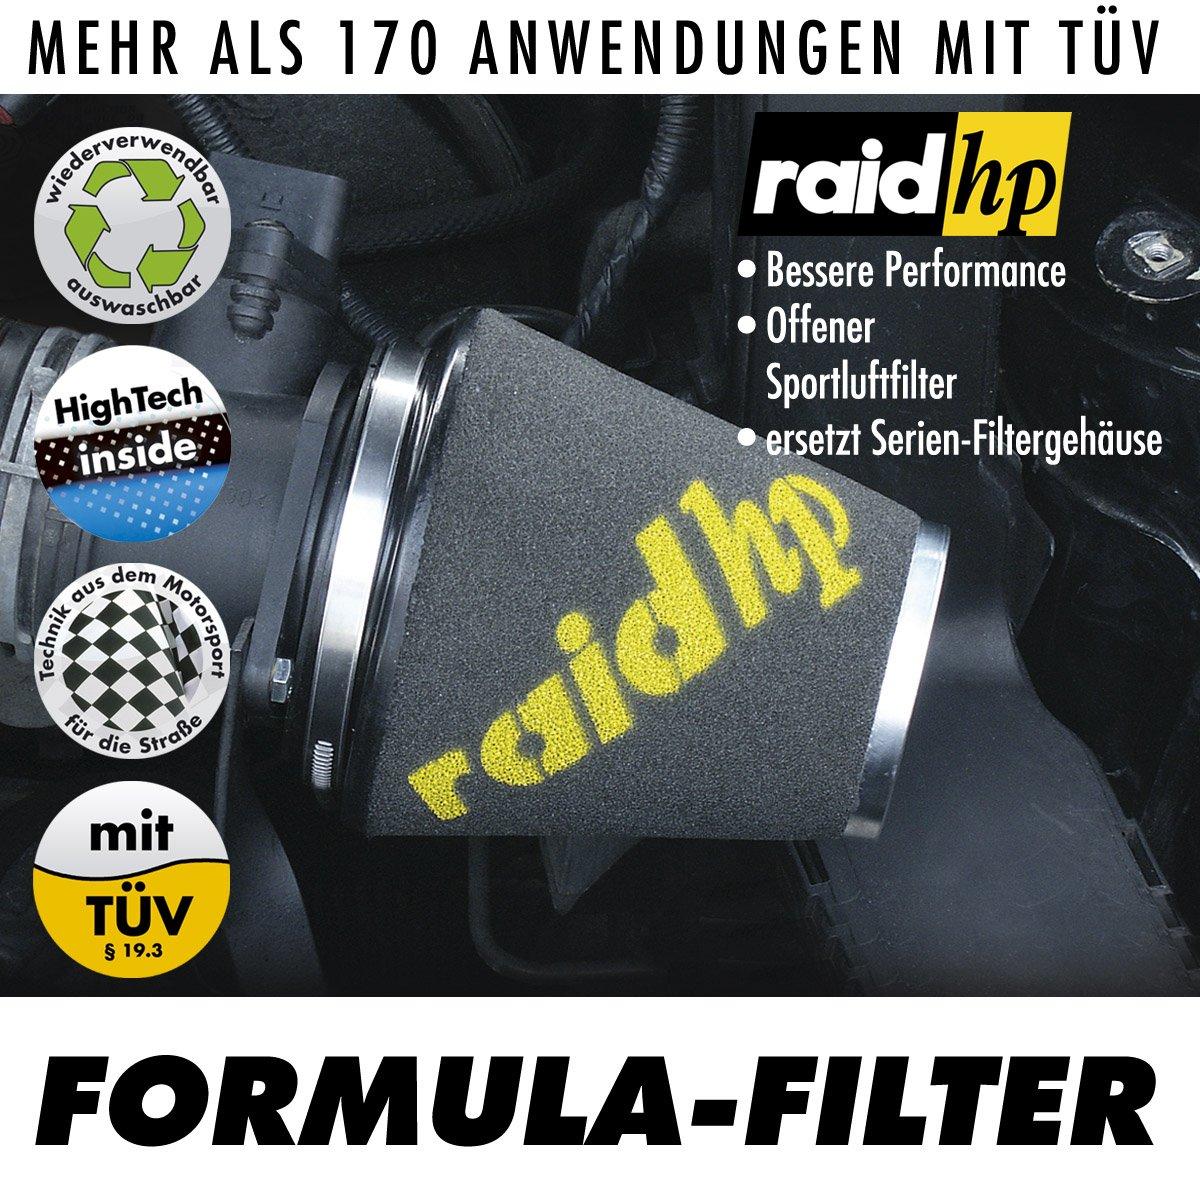 Raid hp 526320 Formula Filtro de aire deportivo